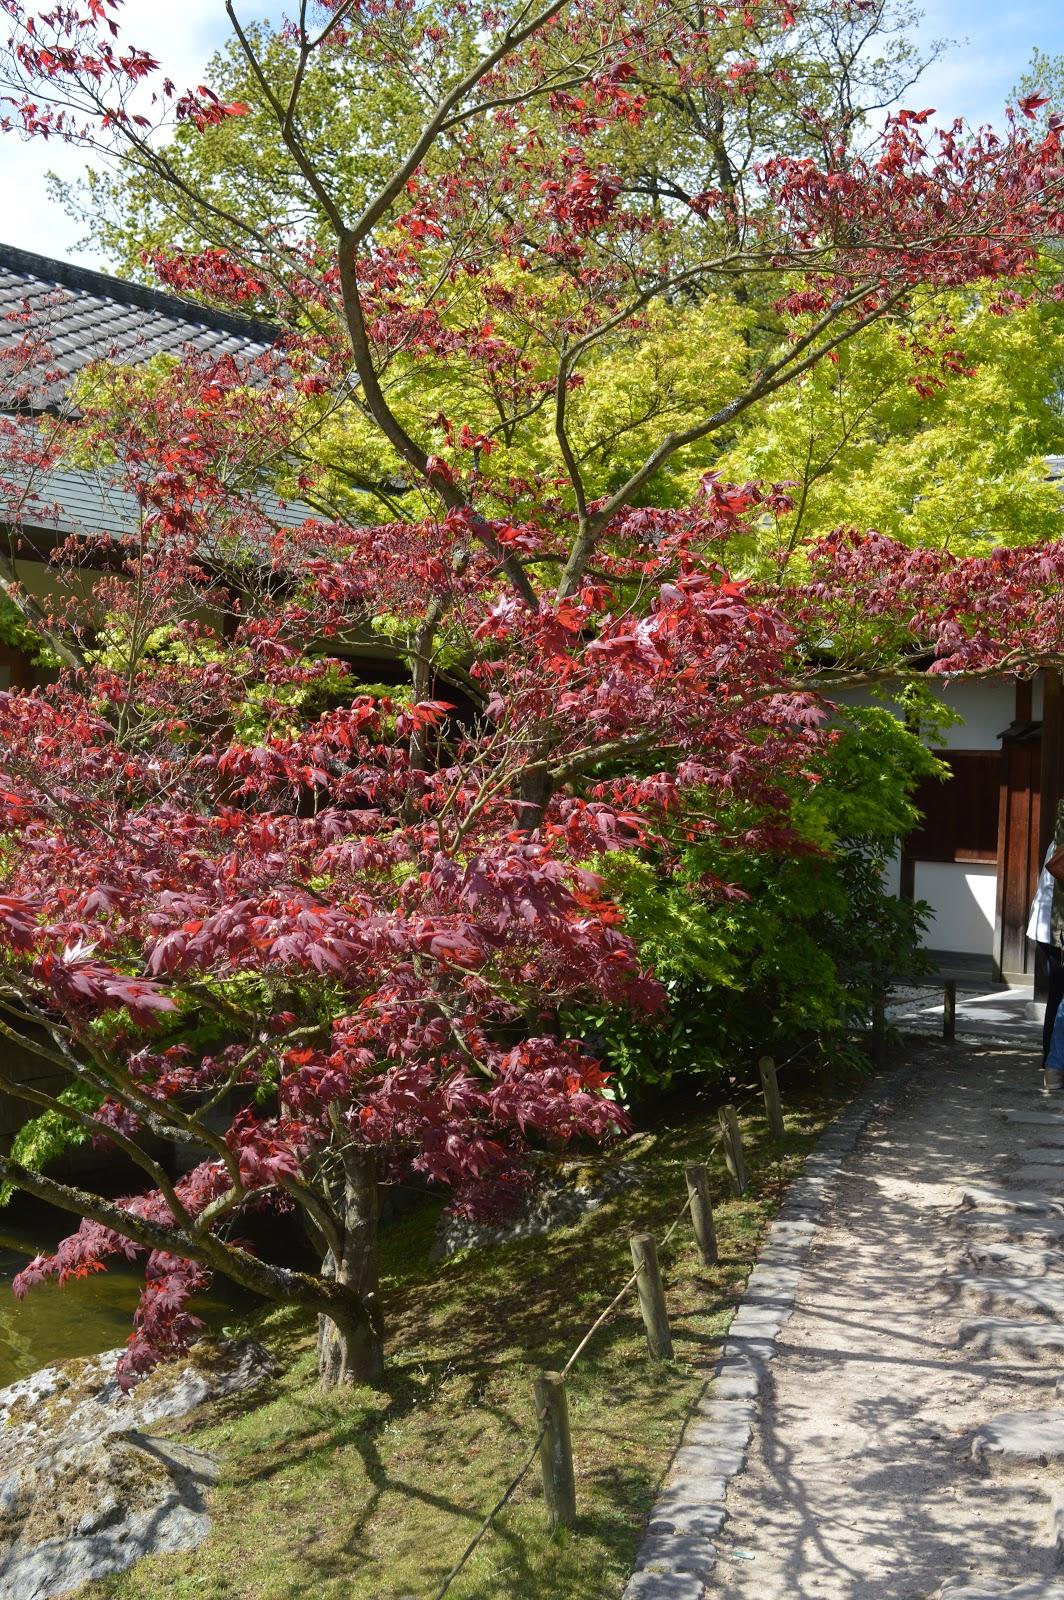 Passionn ment jardin visite du jardin japonais de hasselt for Jardin a visiter 78